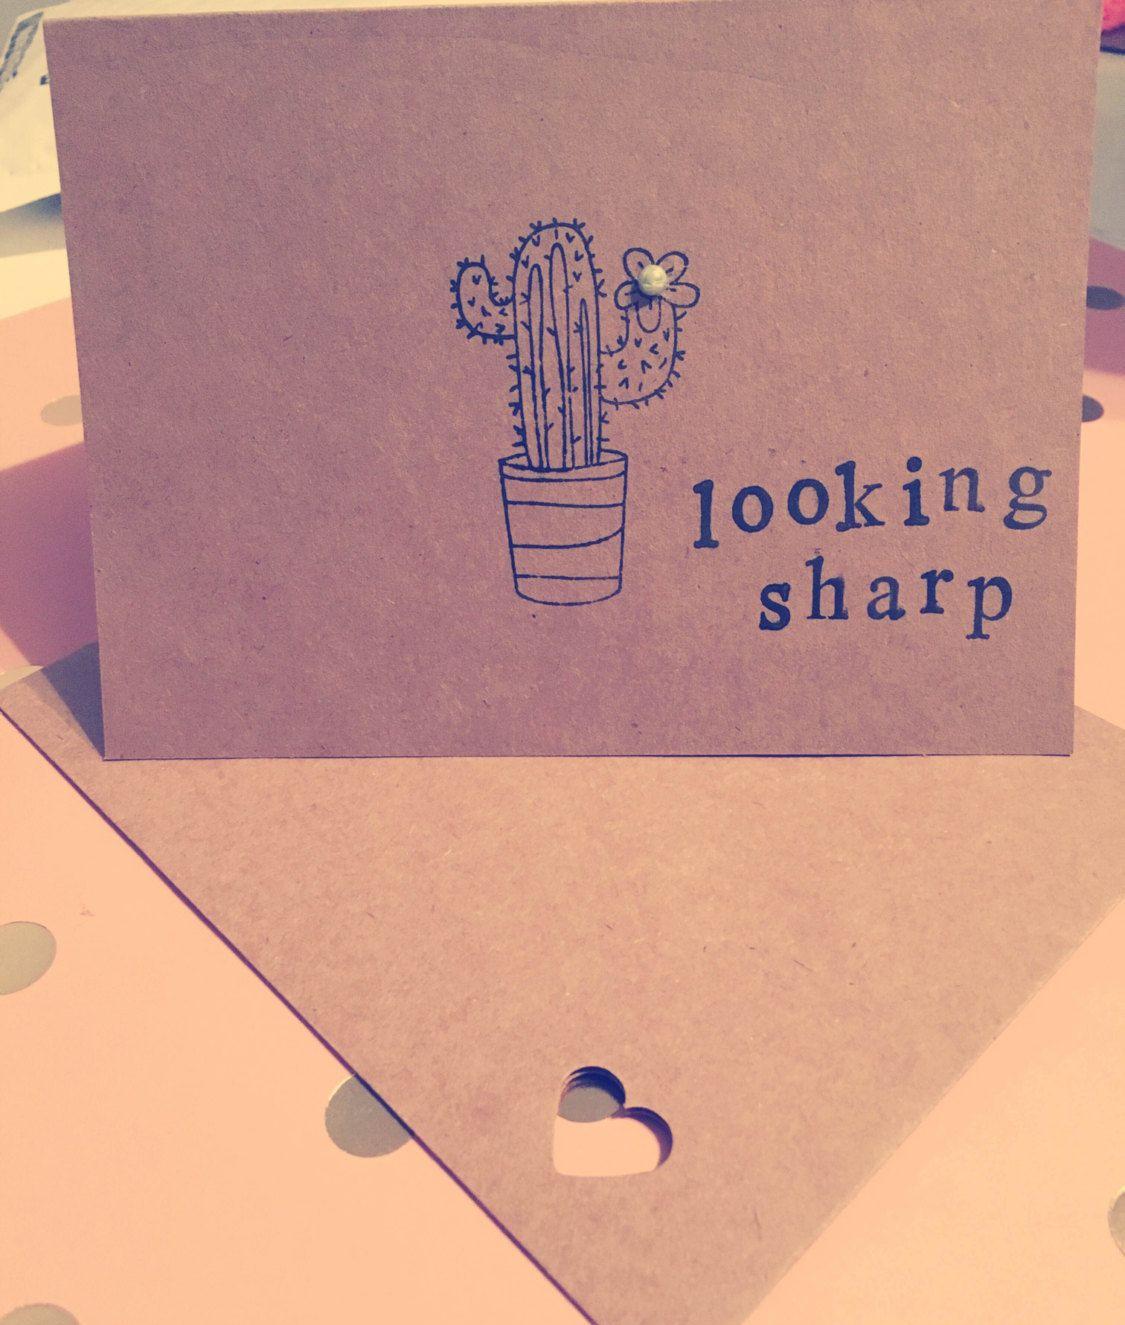 Handmade funny cactus cardgreeting cards geekpun cardslove